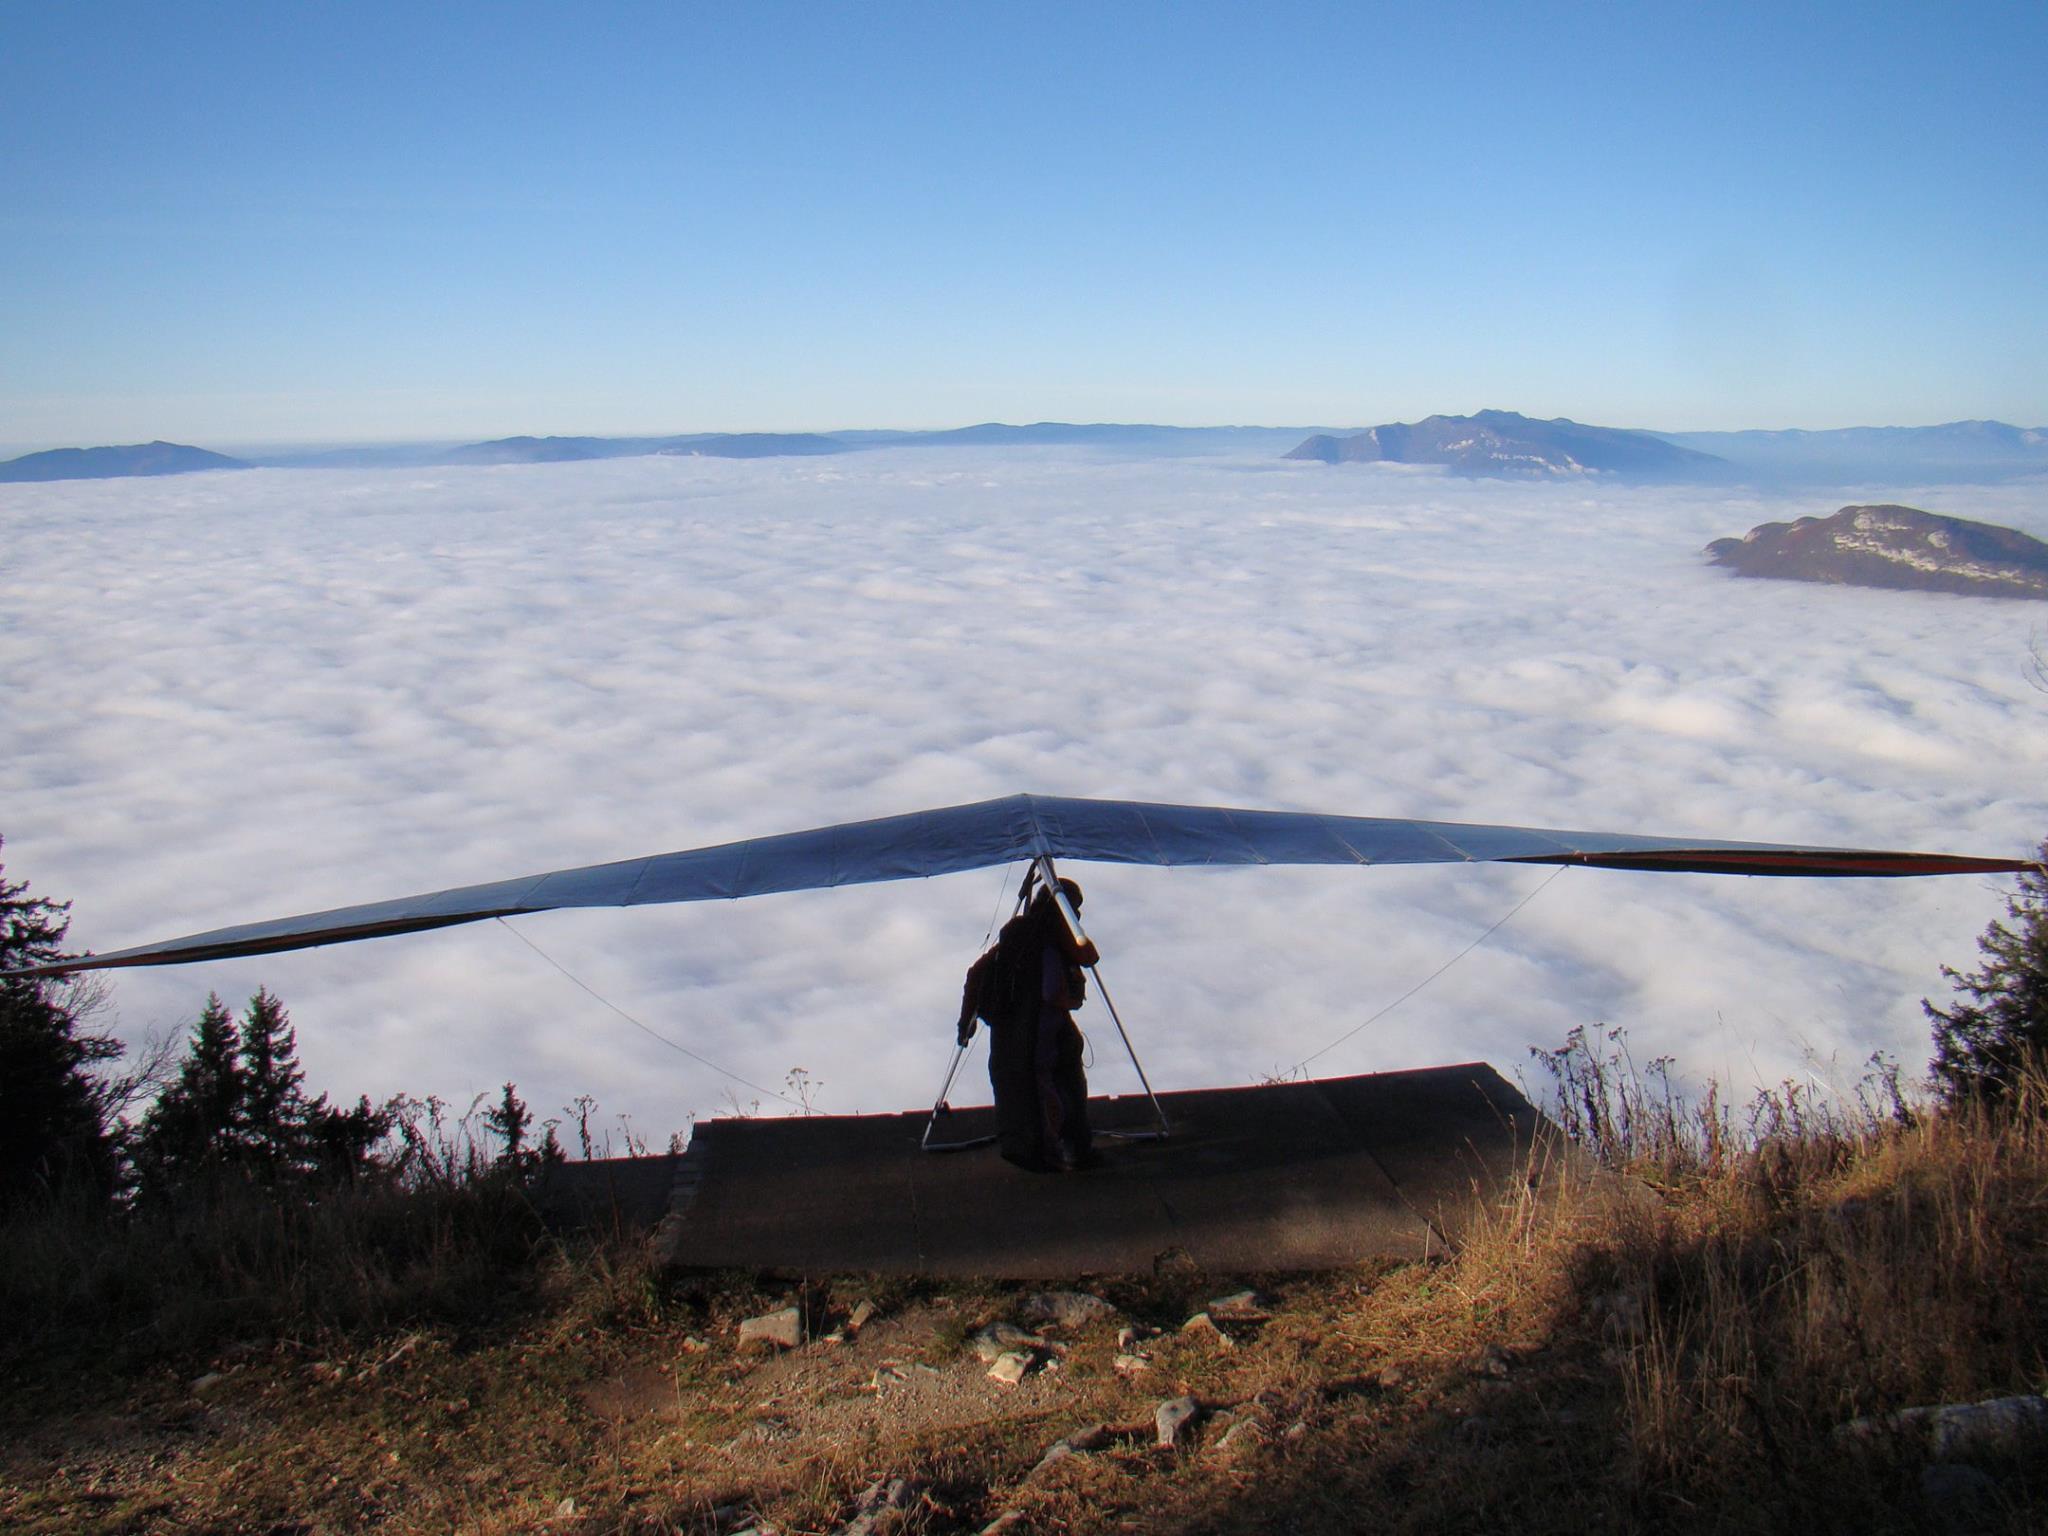 Alfonso startklaar boven op de Dent du Chat, met aaneengesloten wolkendek onder zich